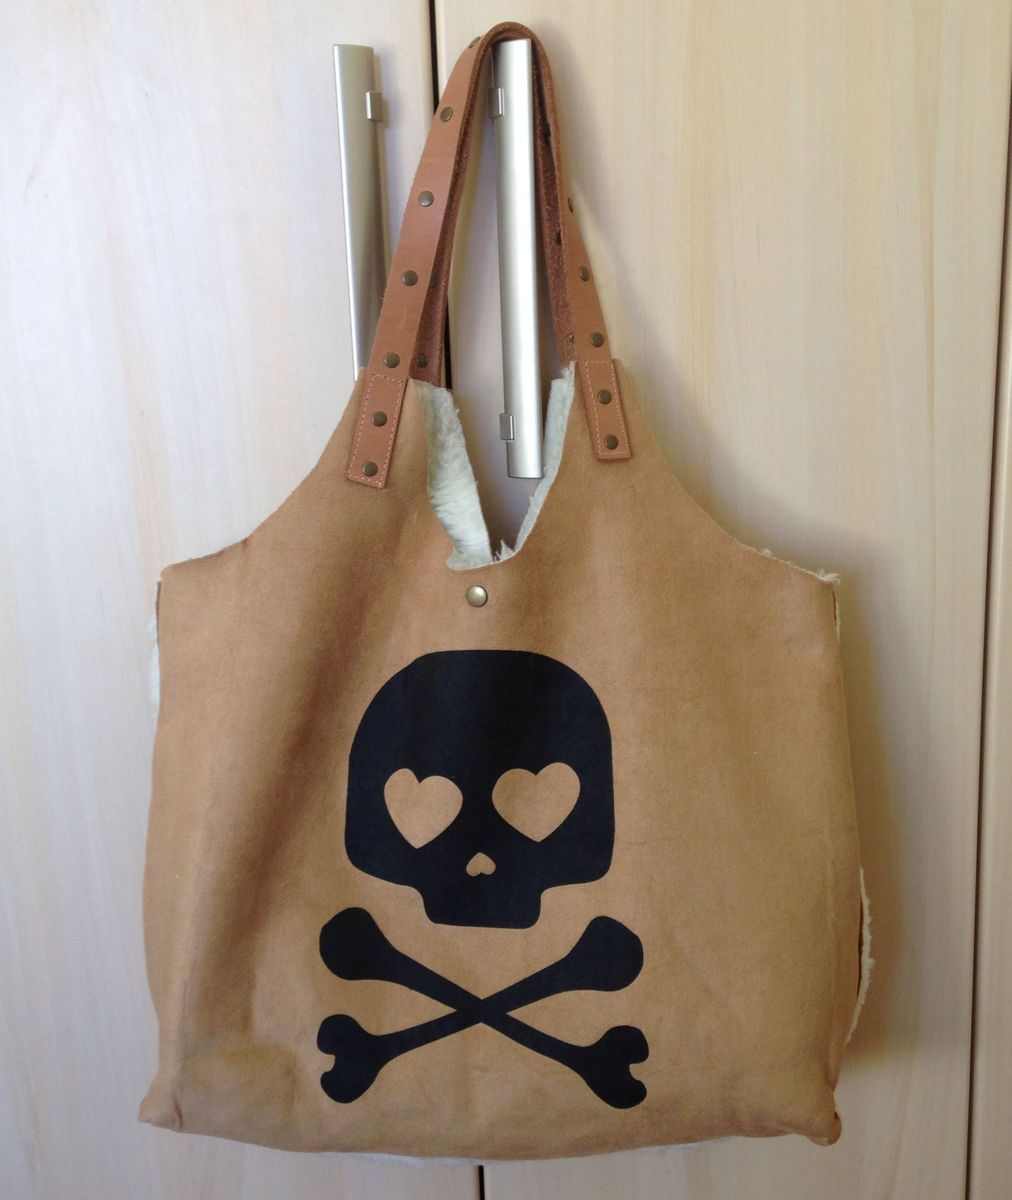 a85edca6f4a bolsa sacola com estampa de caveira - ombro sem marca